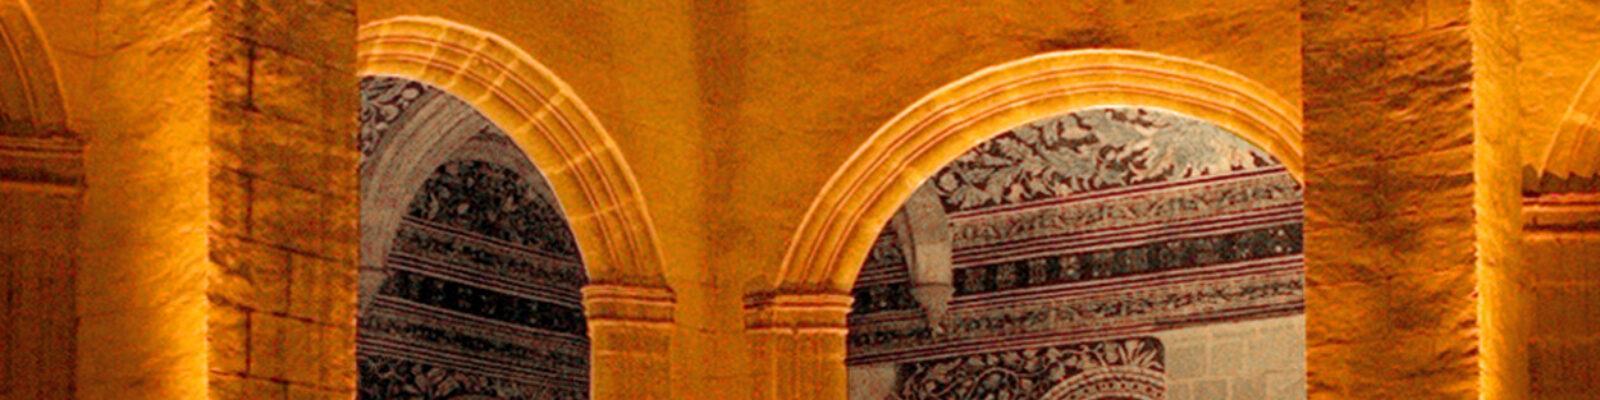 Dettaglio dell'illuminazione della corte interna